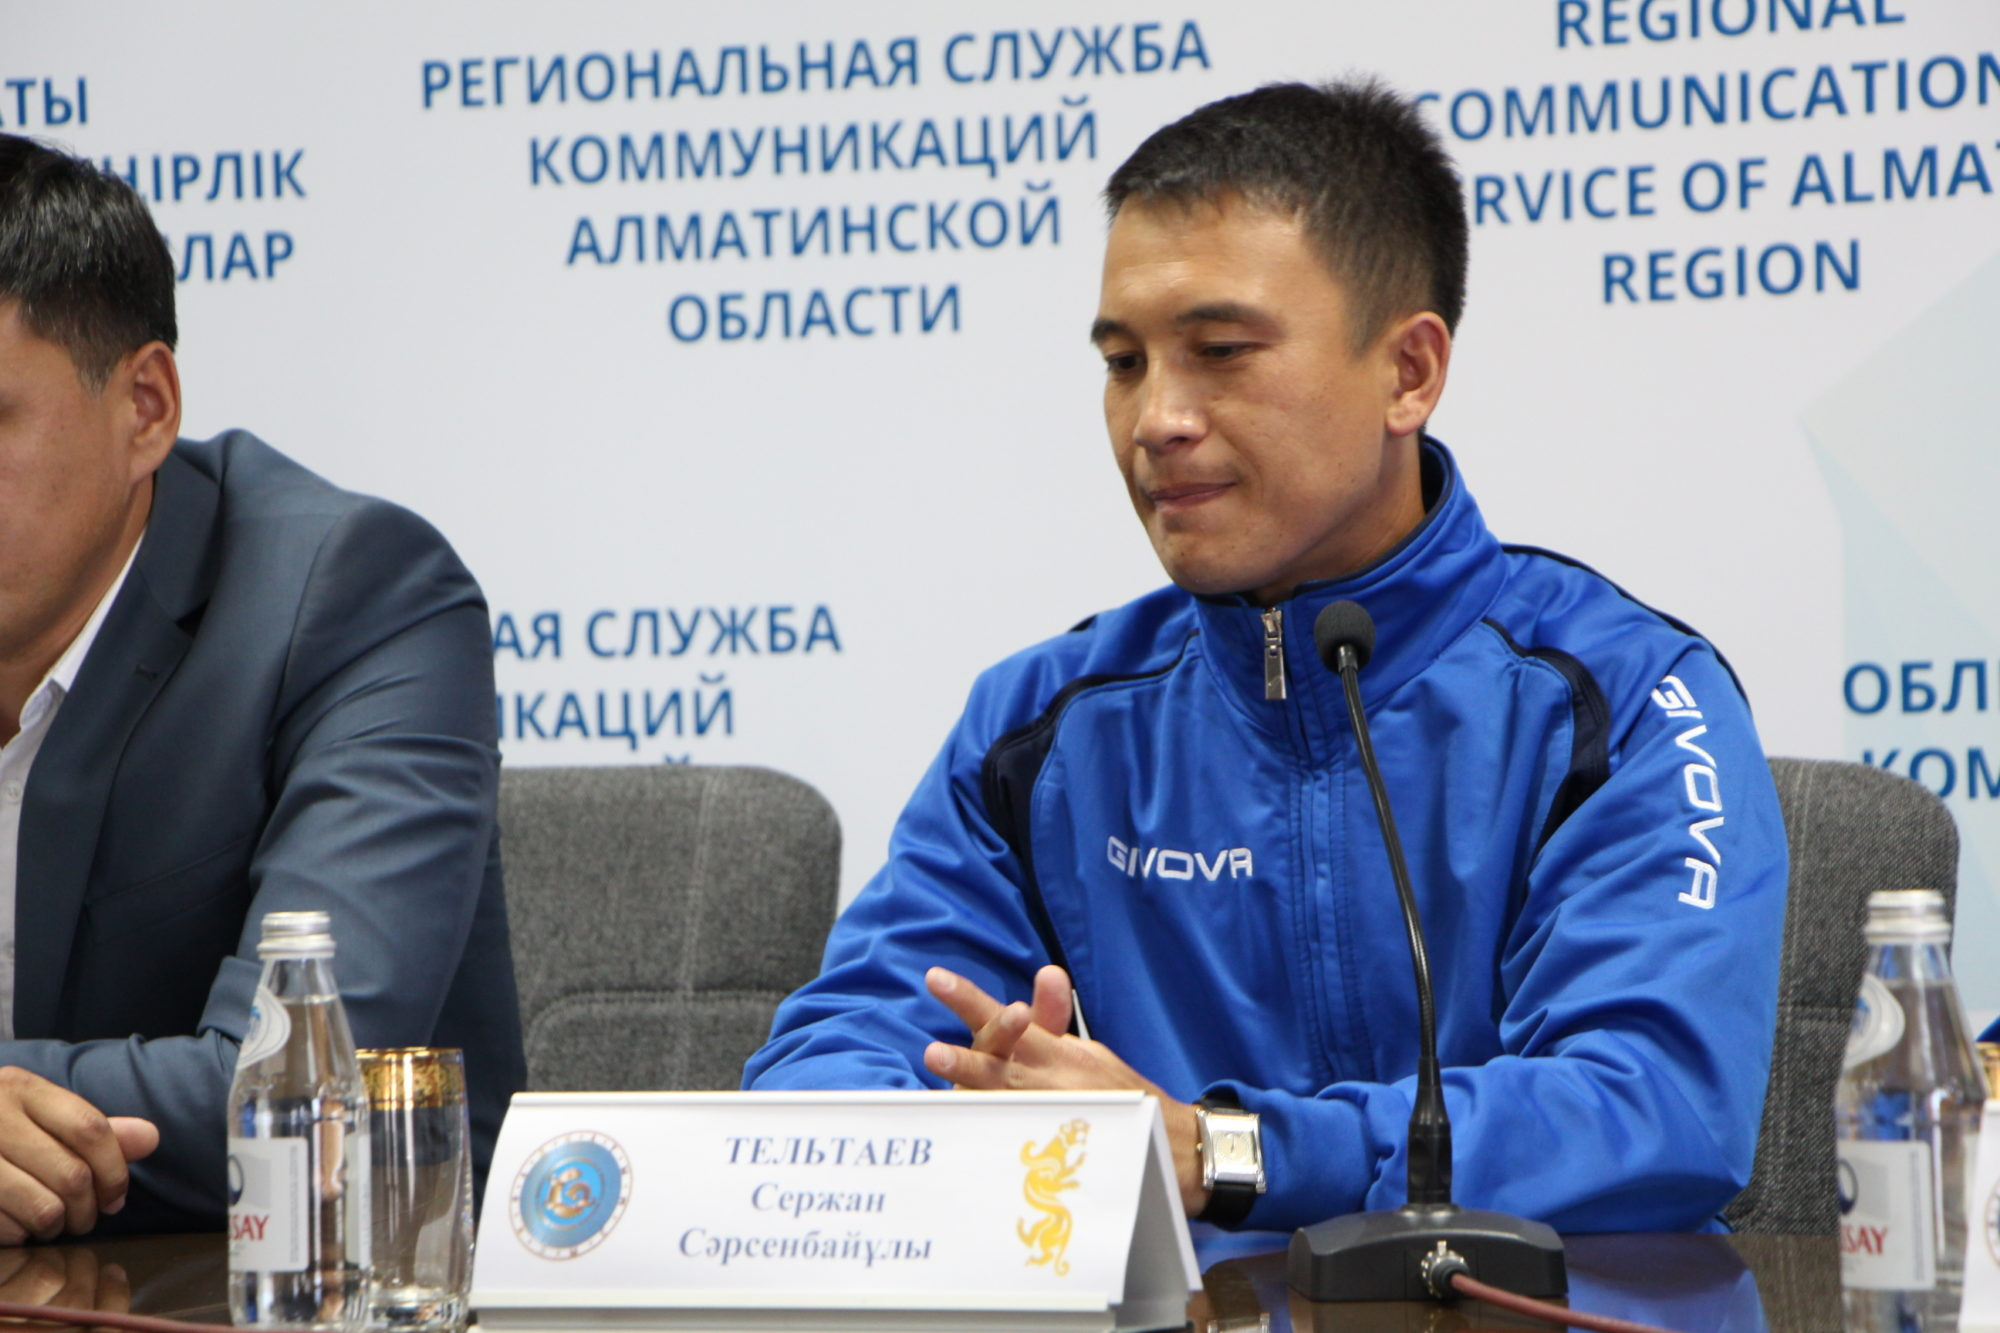 Тельтаев Сержан